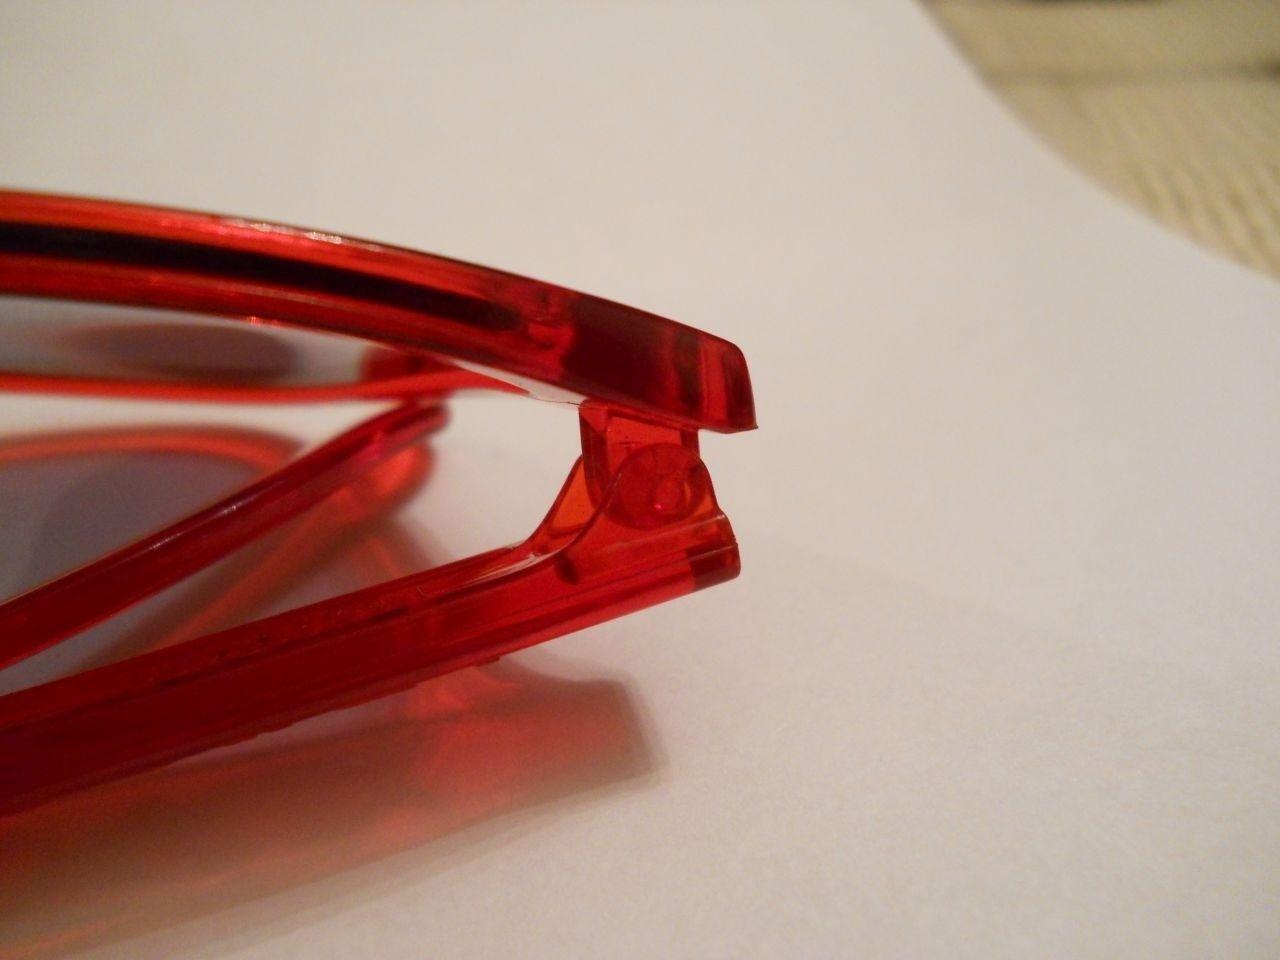 Crystal Red Frogskins - Real Or Fake? - uwwc.jpg